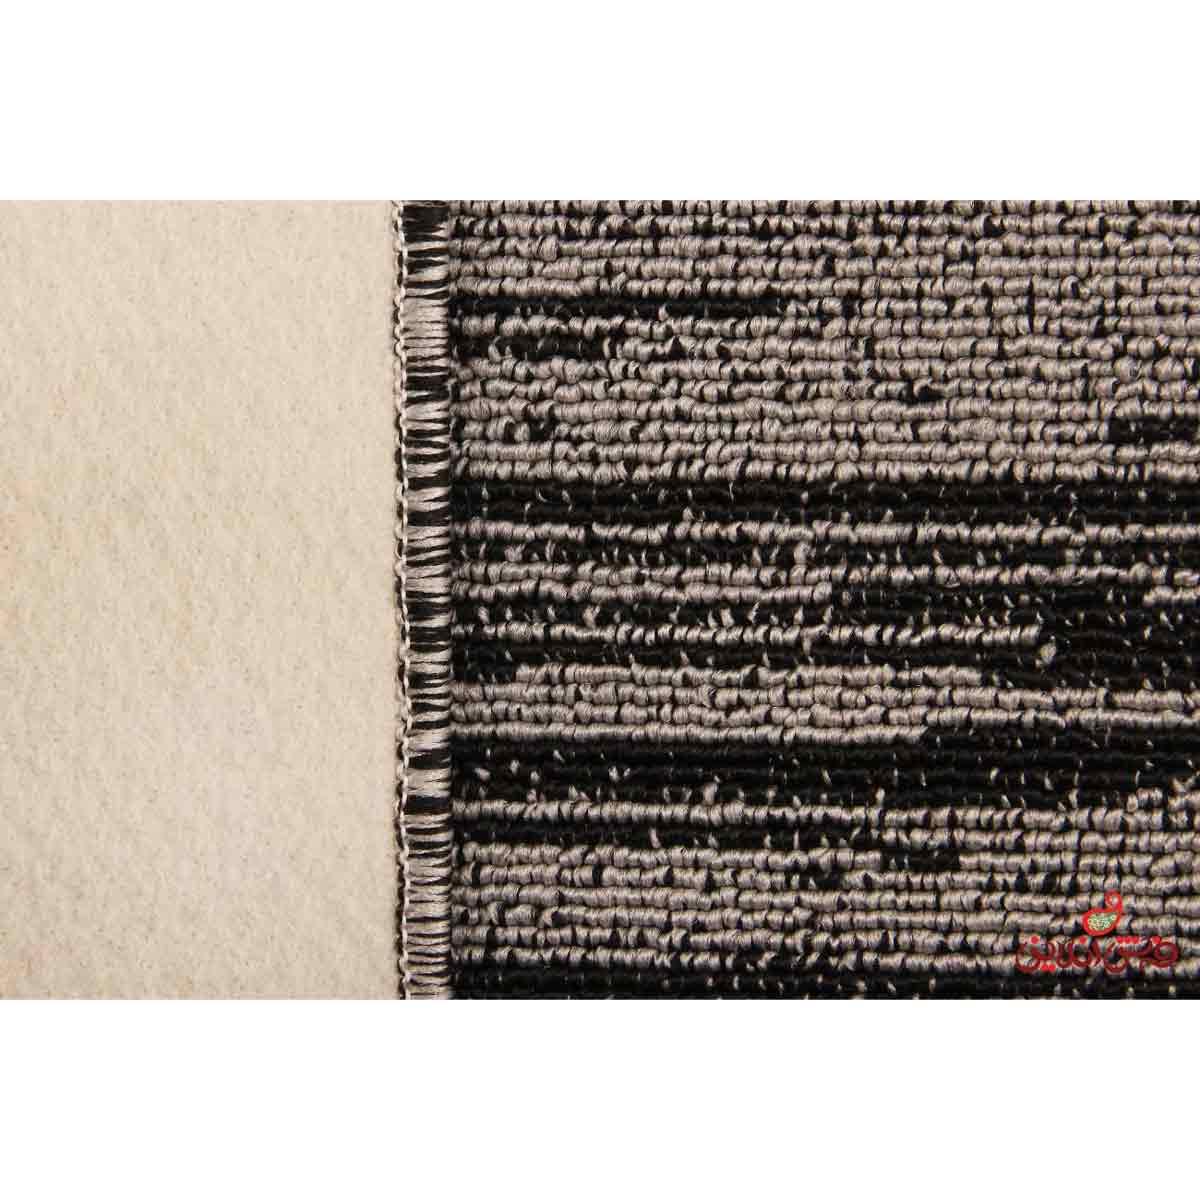 موکت ظریف مصور طرح ترانه نقره ای کد 7841